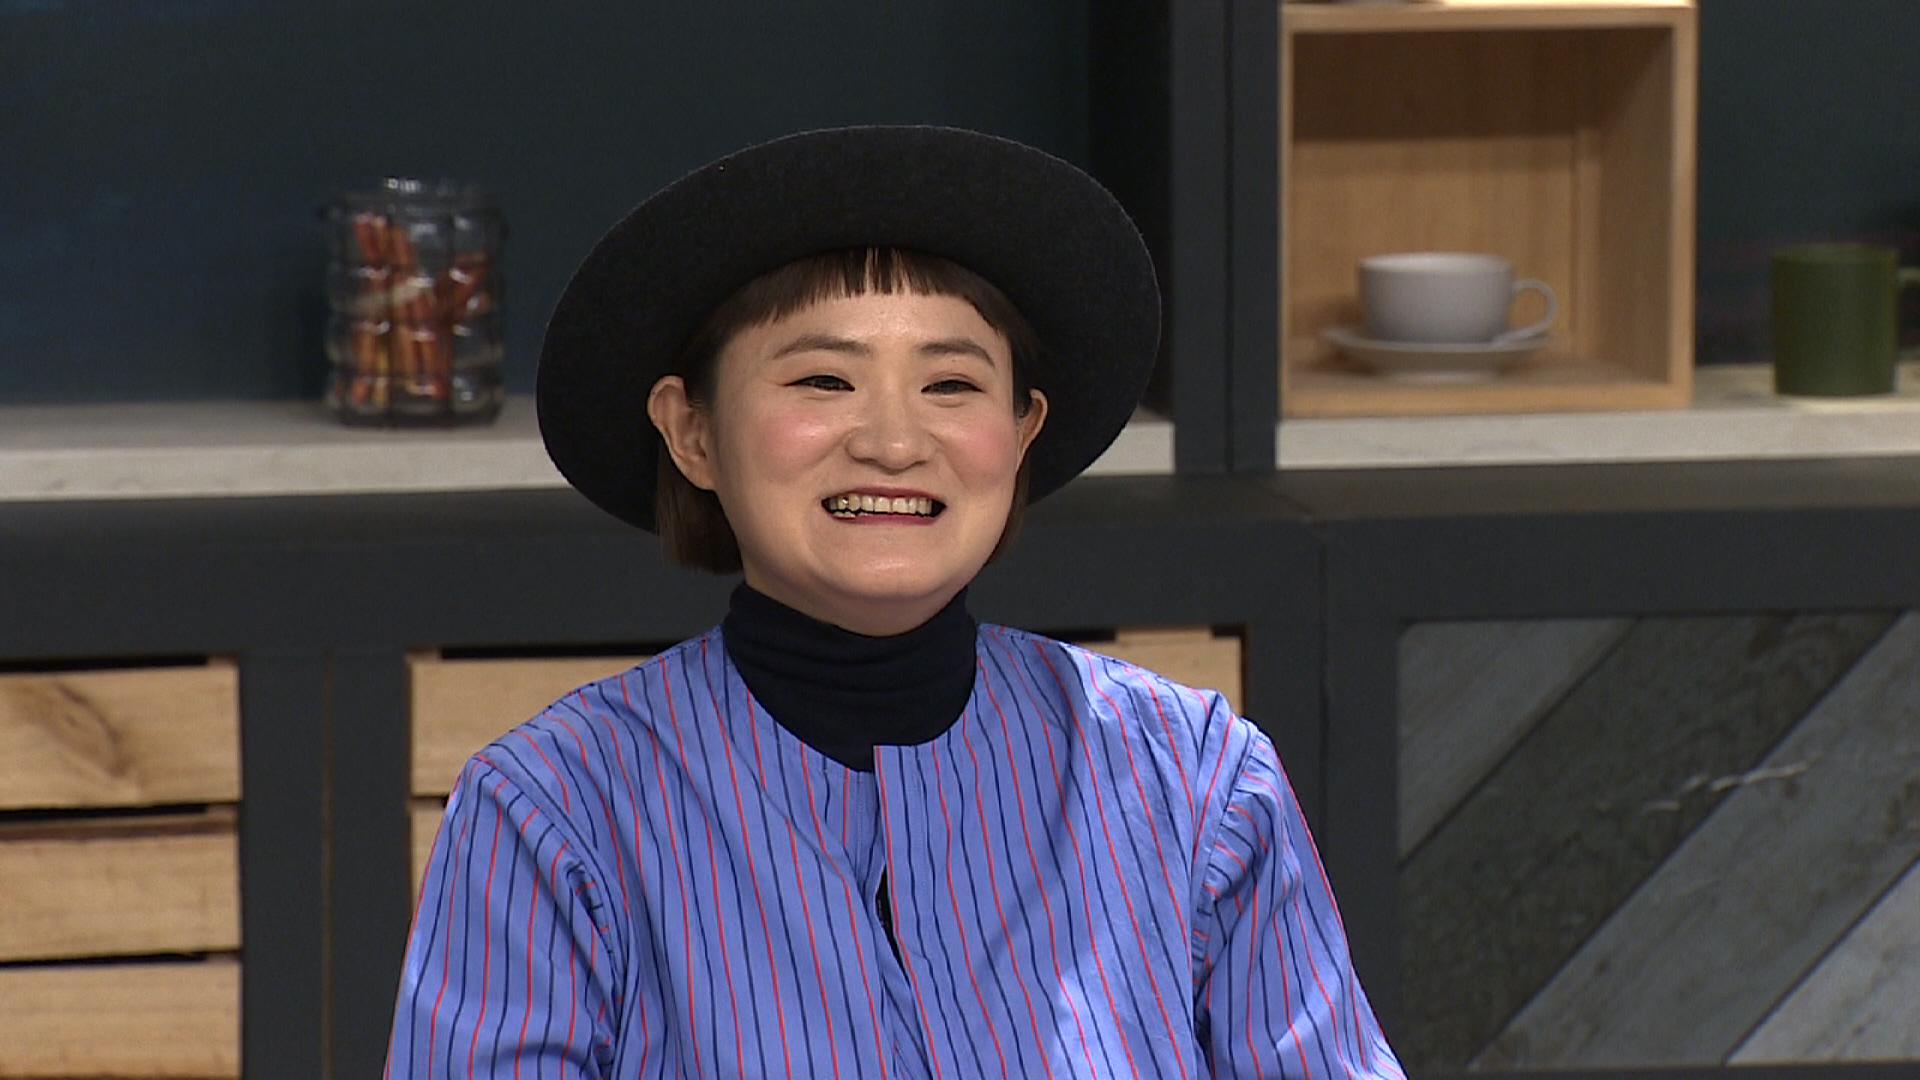 '냉장고를 부탁해' 김신영, 38kg 감량한 '프로 다이어터'의 냉장고 공개!